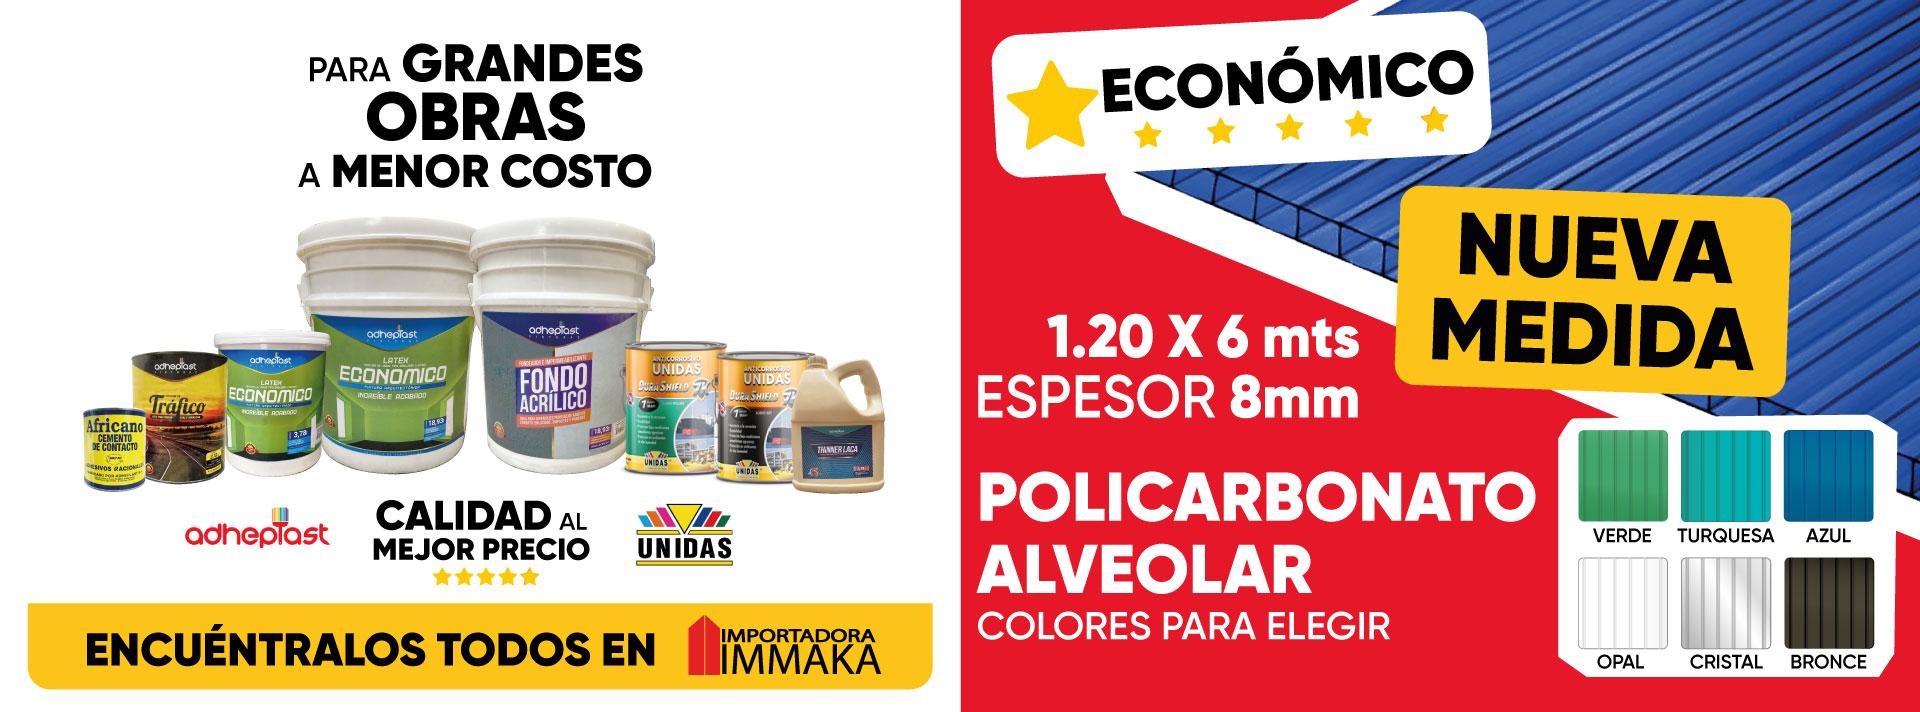 banner_pinturas_policarbonato_economico